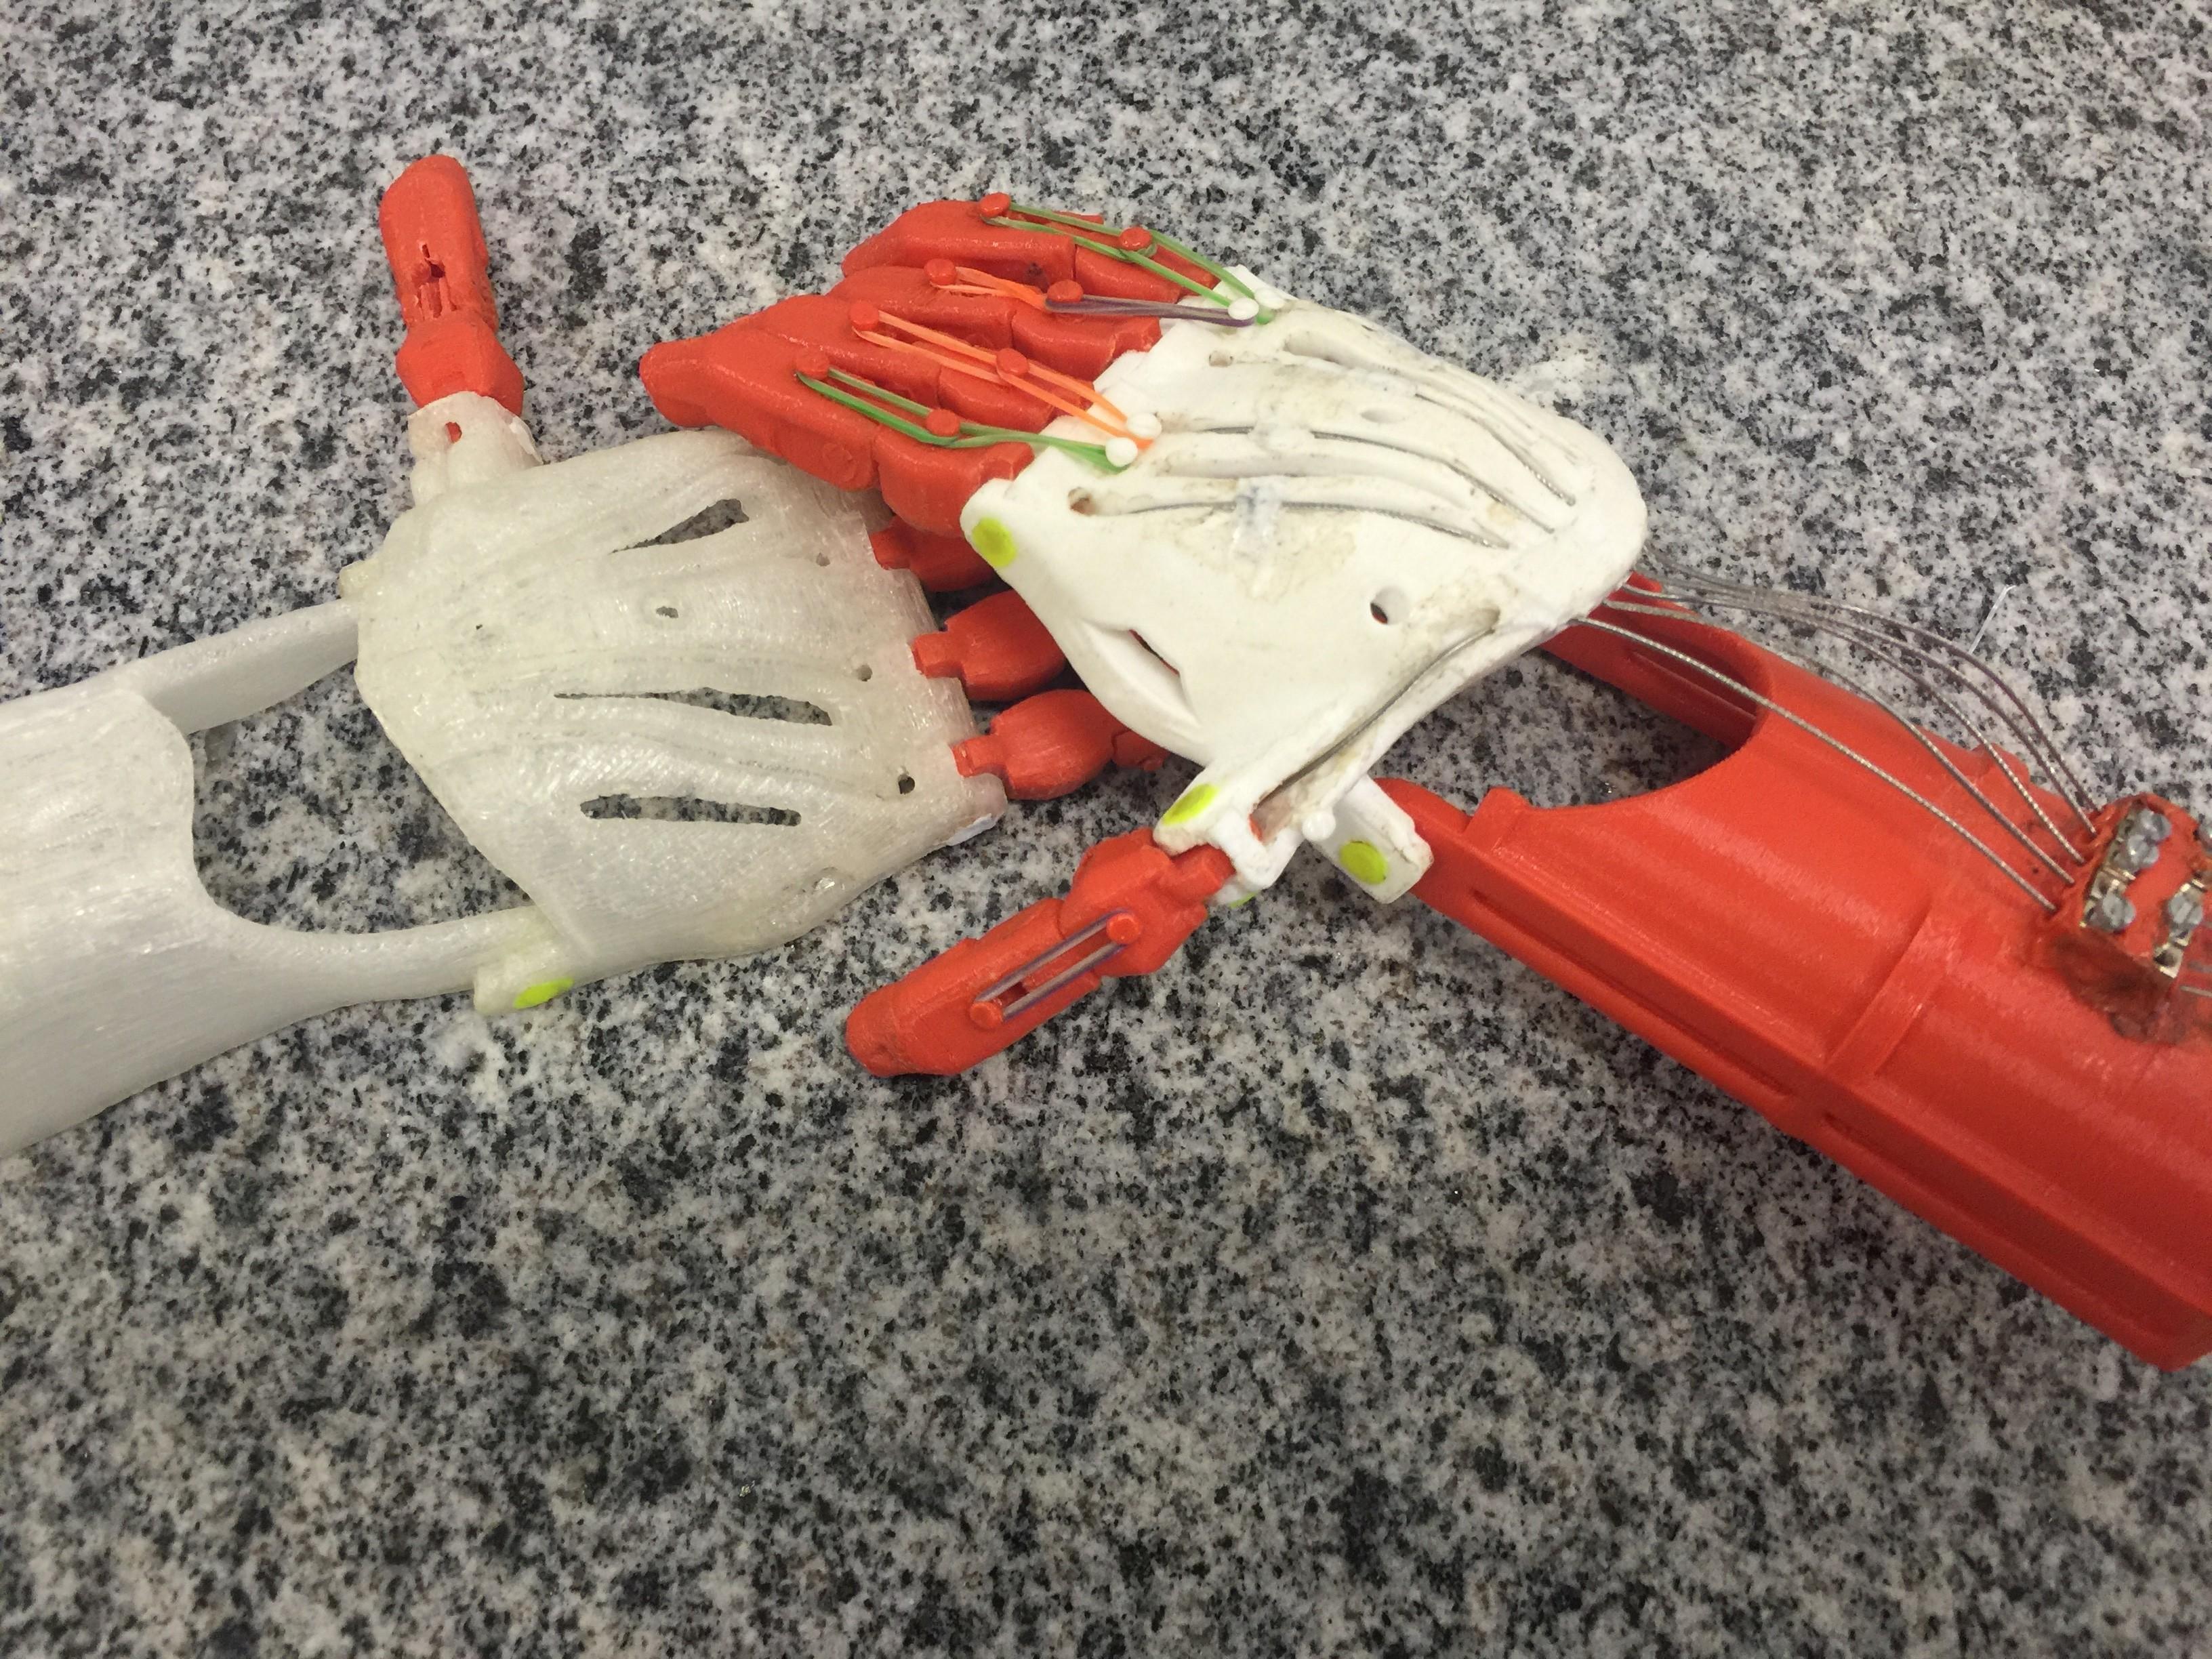 Próteses de braços impressas em 3D na Universidade Federal de Goiás (Foto: Divulgação)